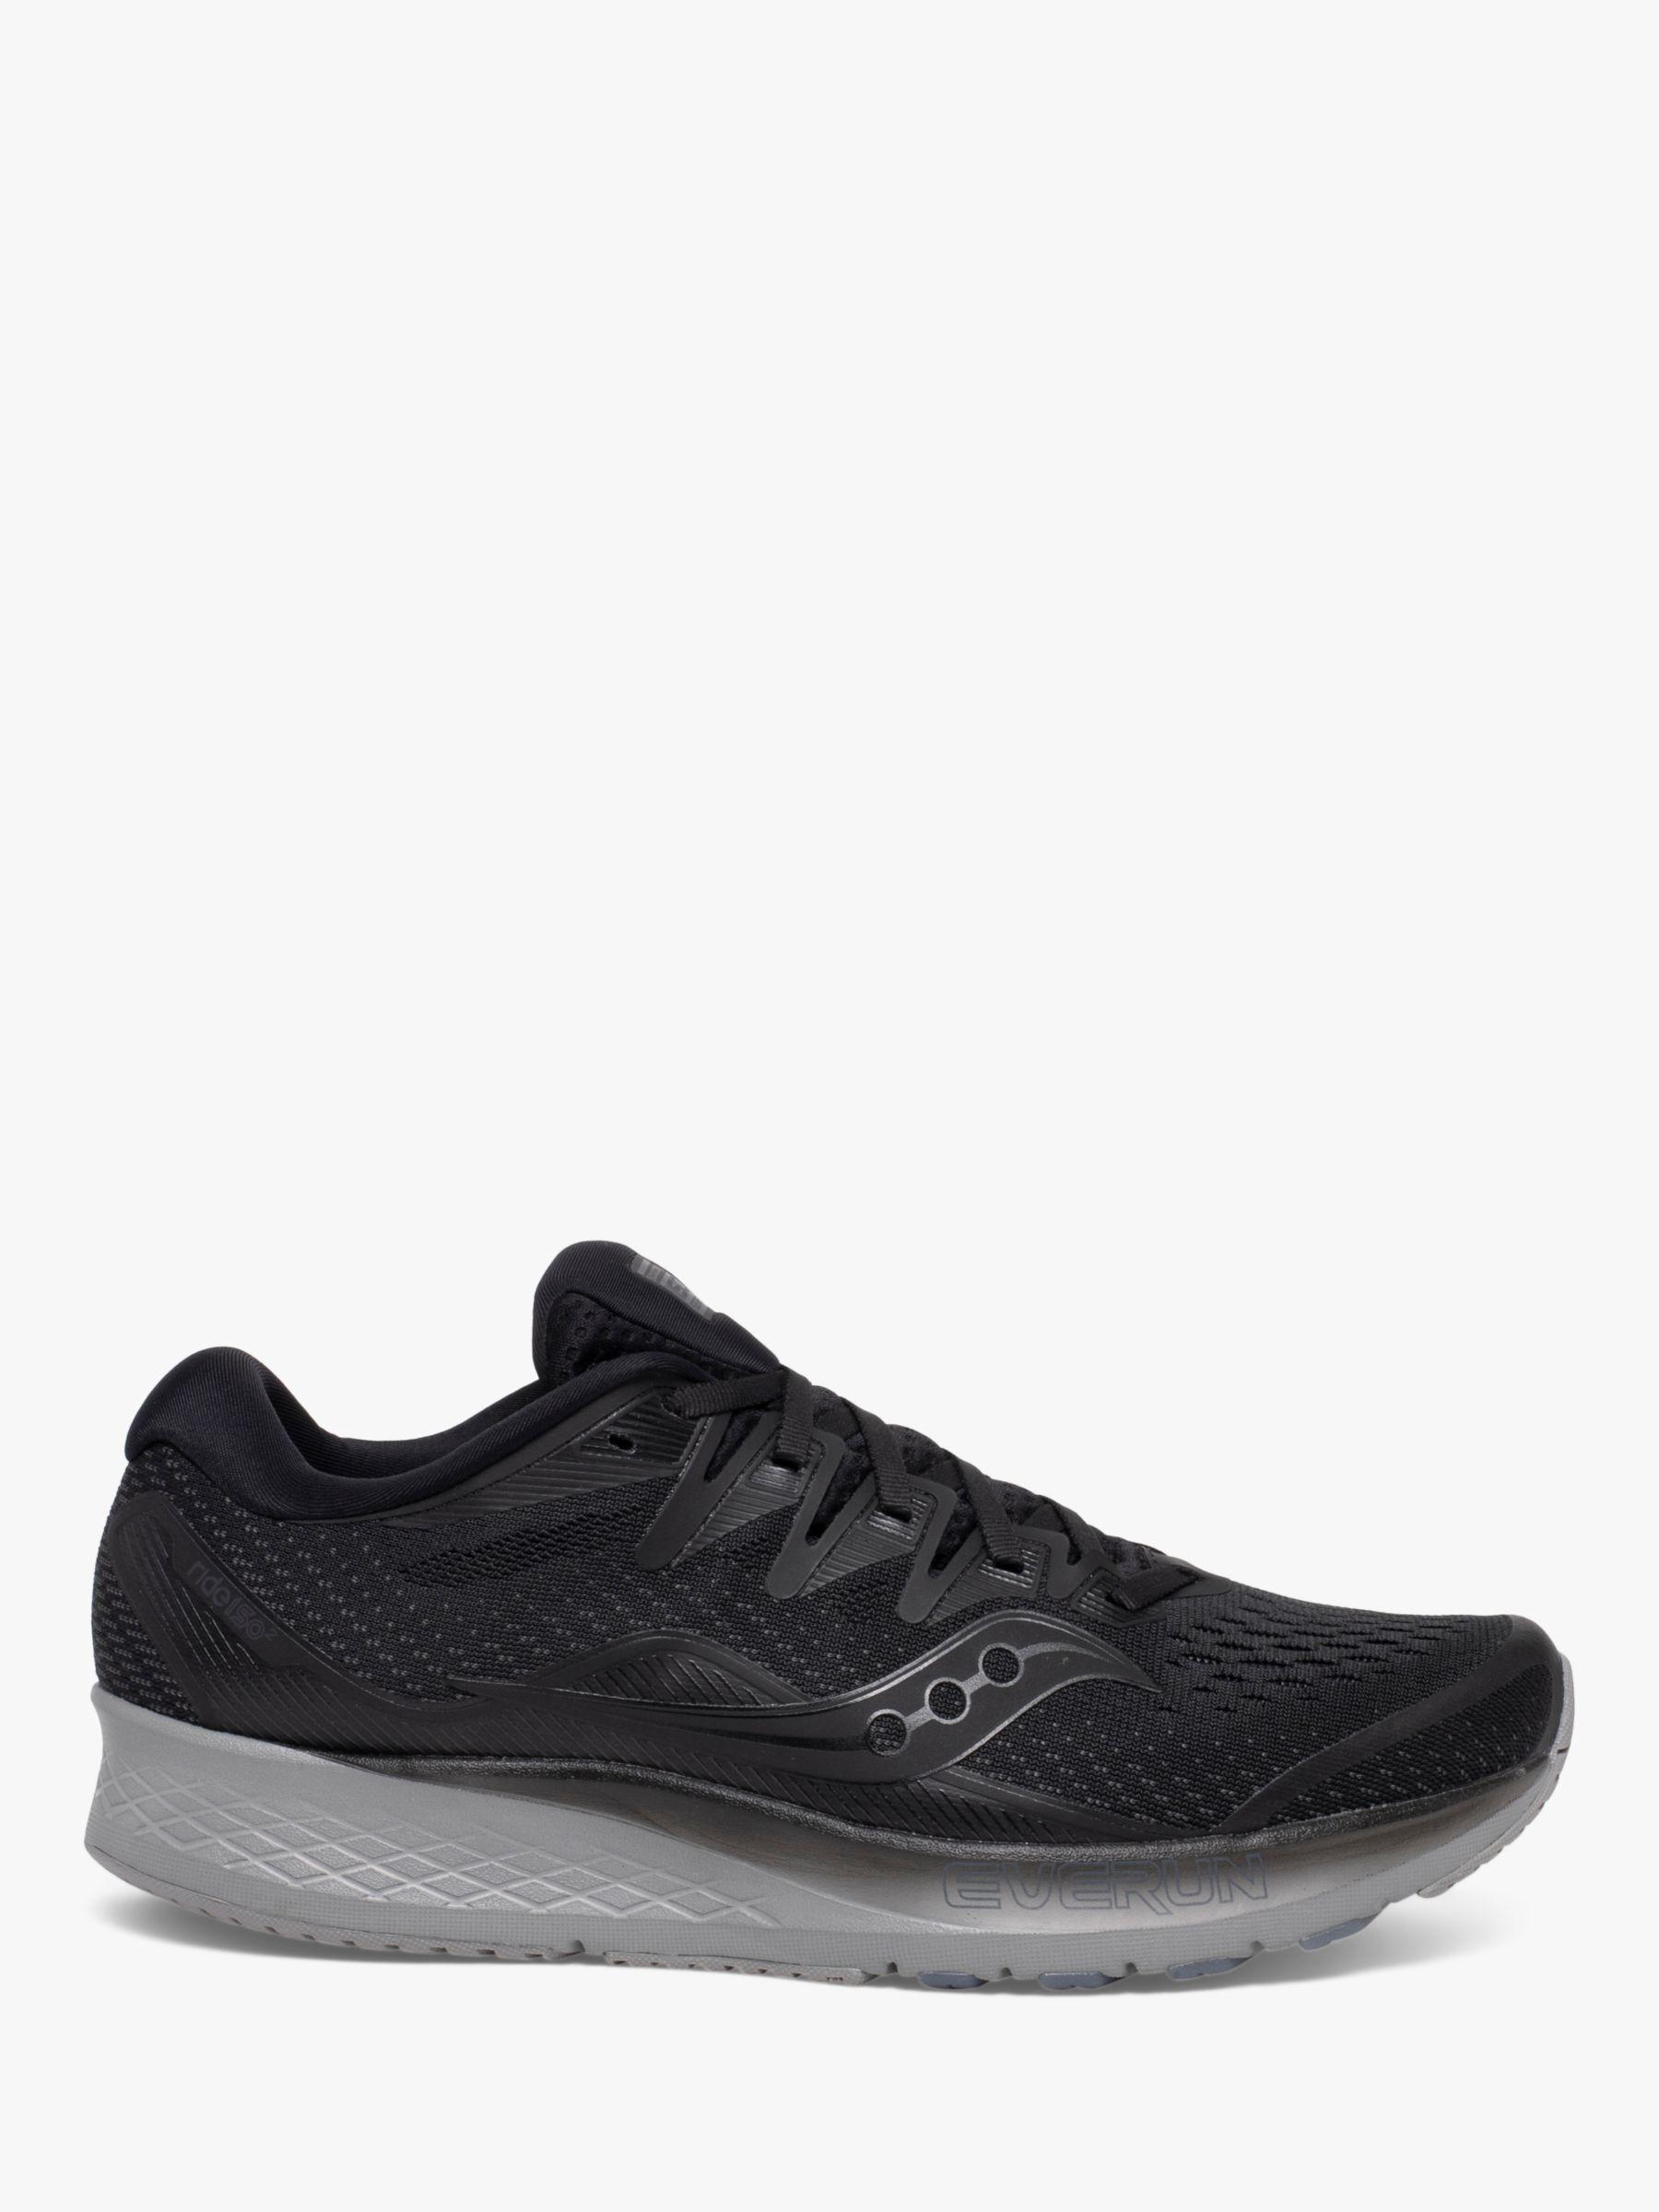 Saucony Saucony Ride ISO 2 Men's Running Shoes